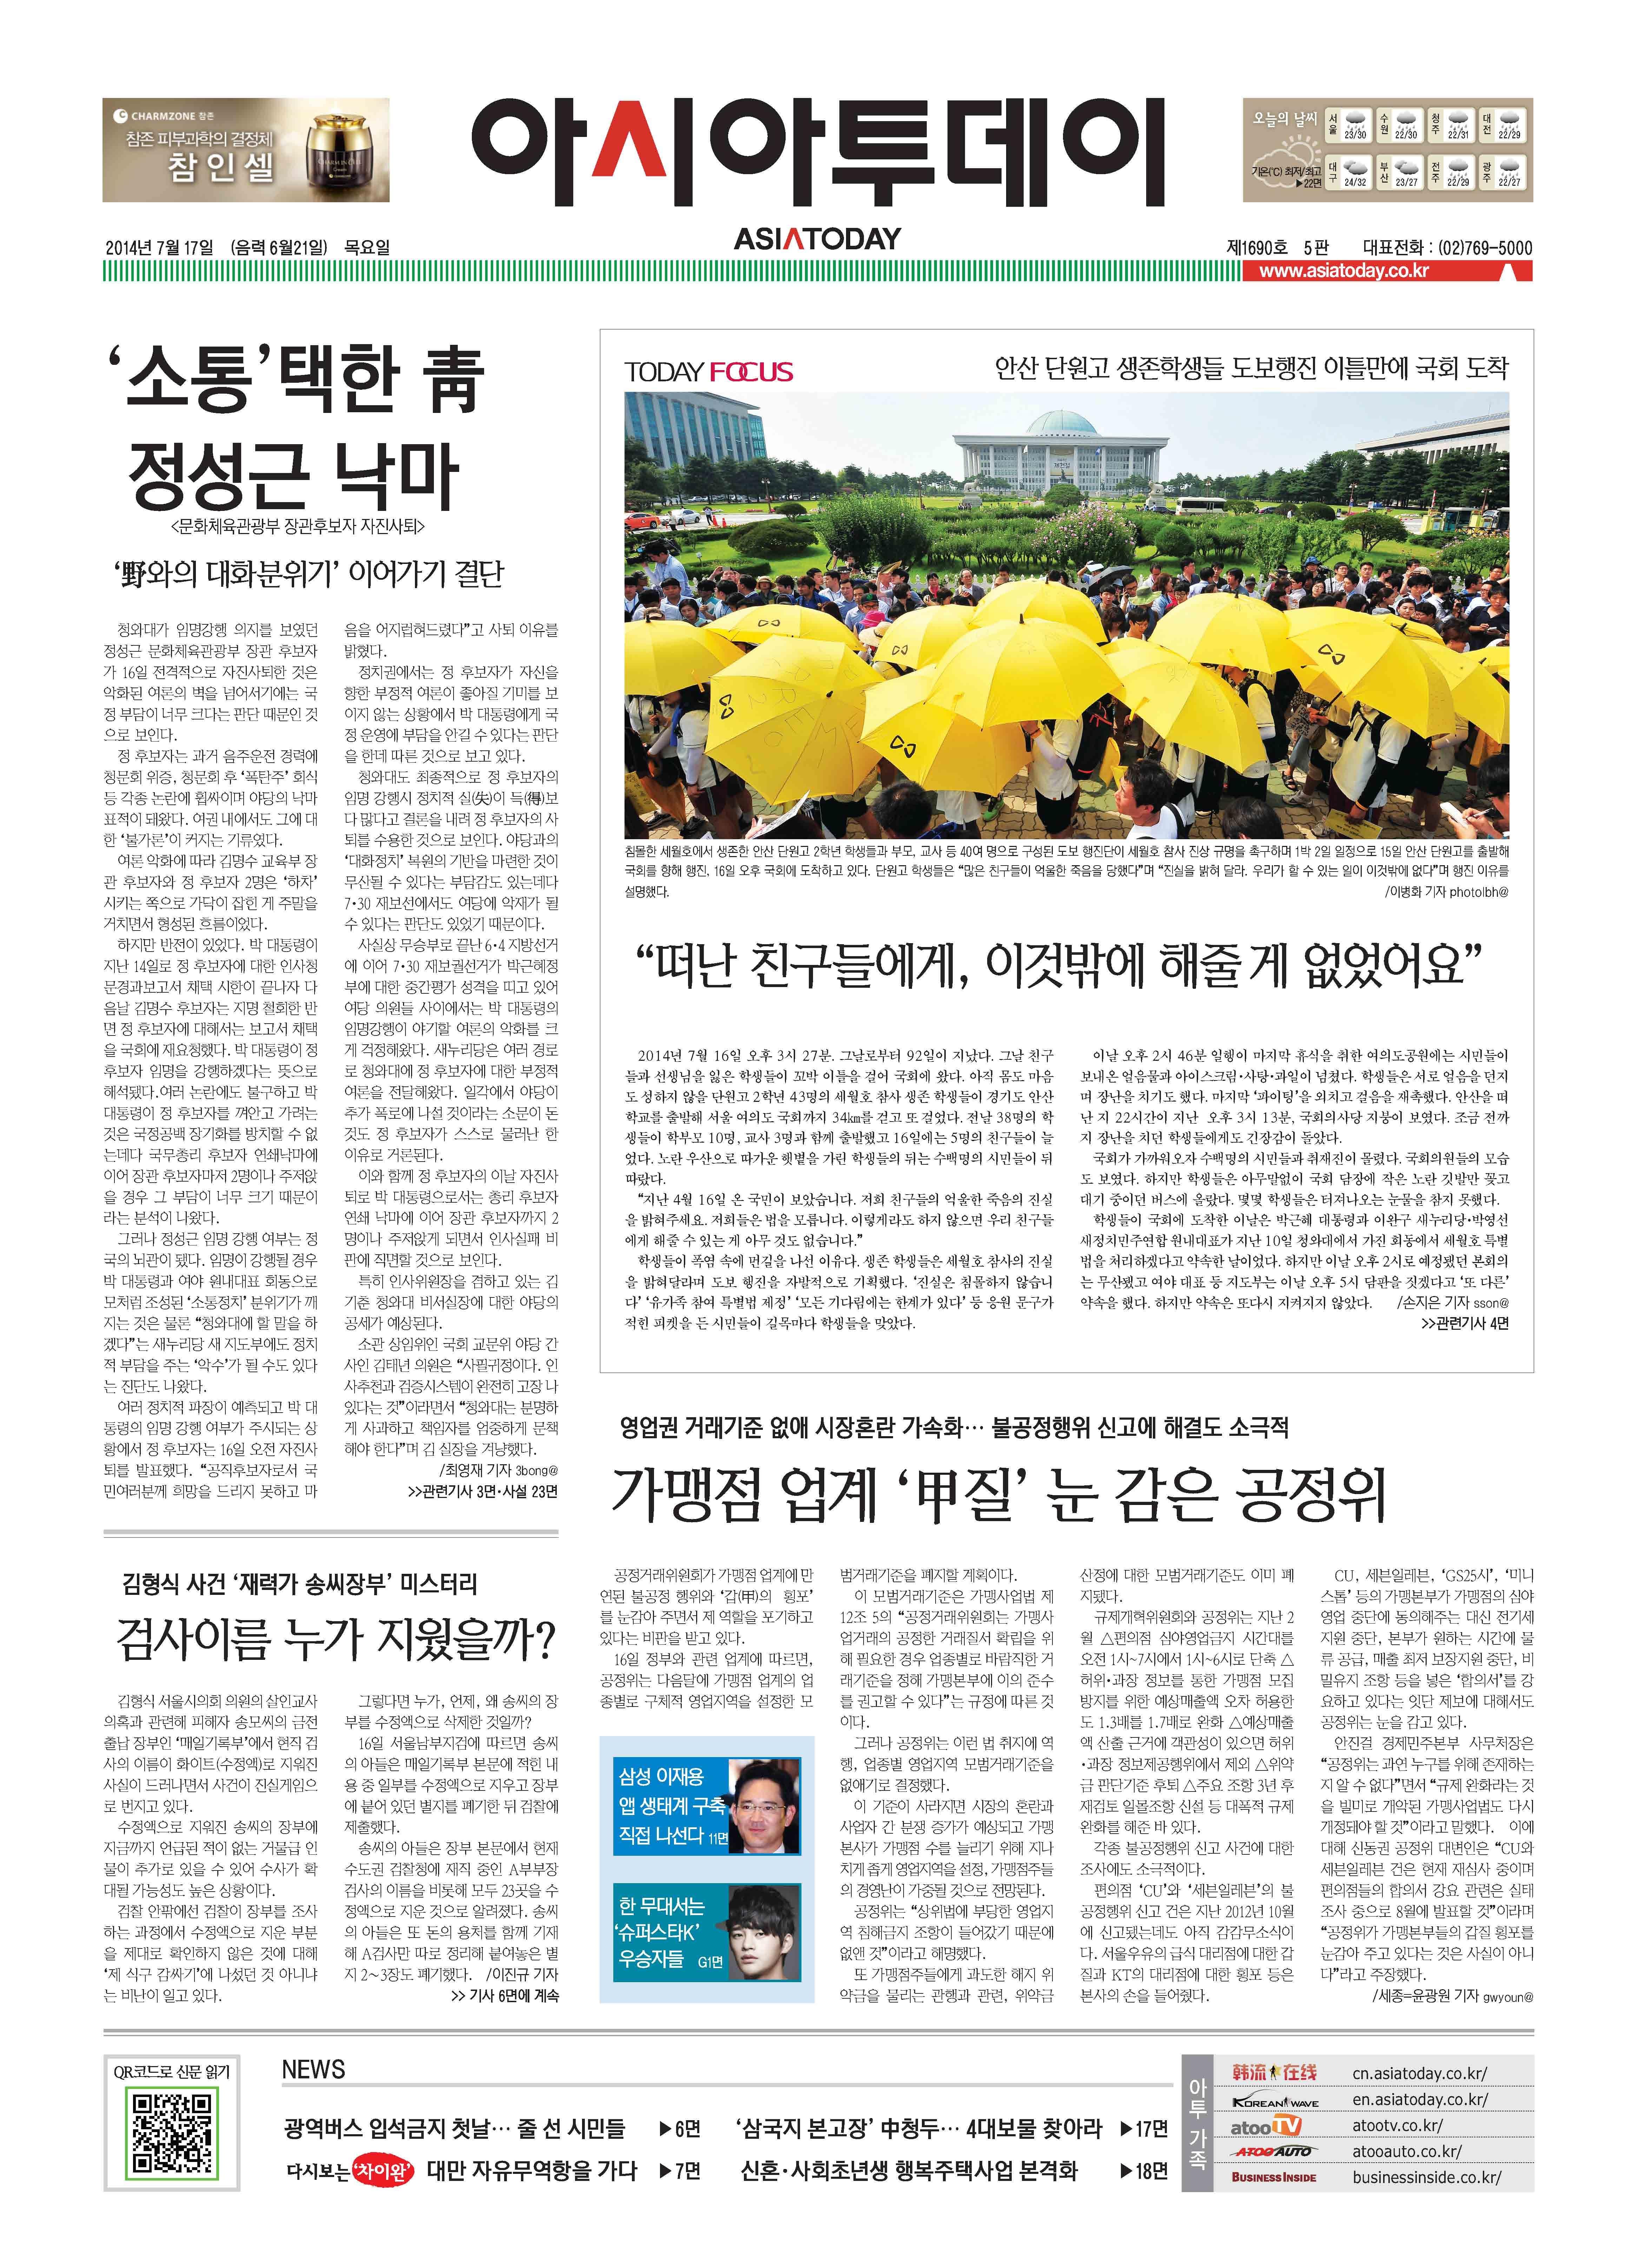 아시아투데이 ASIATODAY 1면. 20140717 (목)